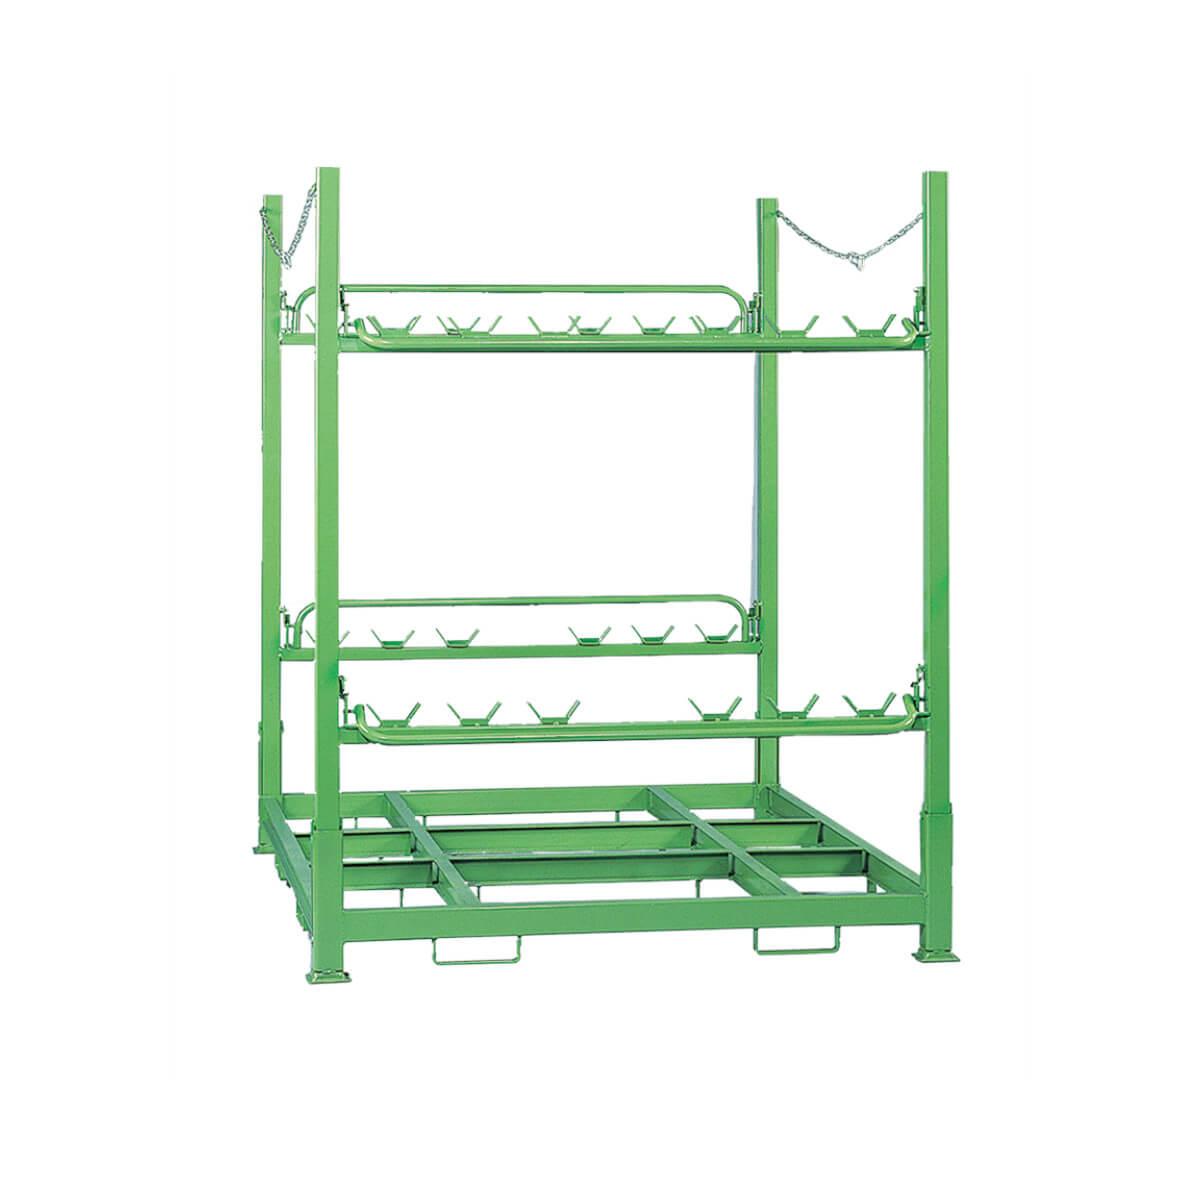 Gestell für Lagerung und Transport von bis zu 12 Folienrollen